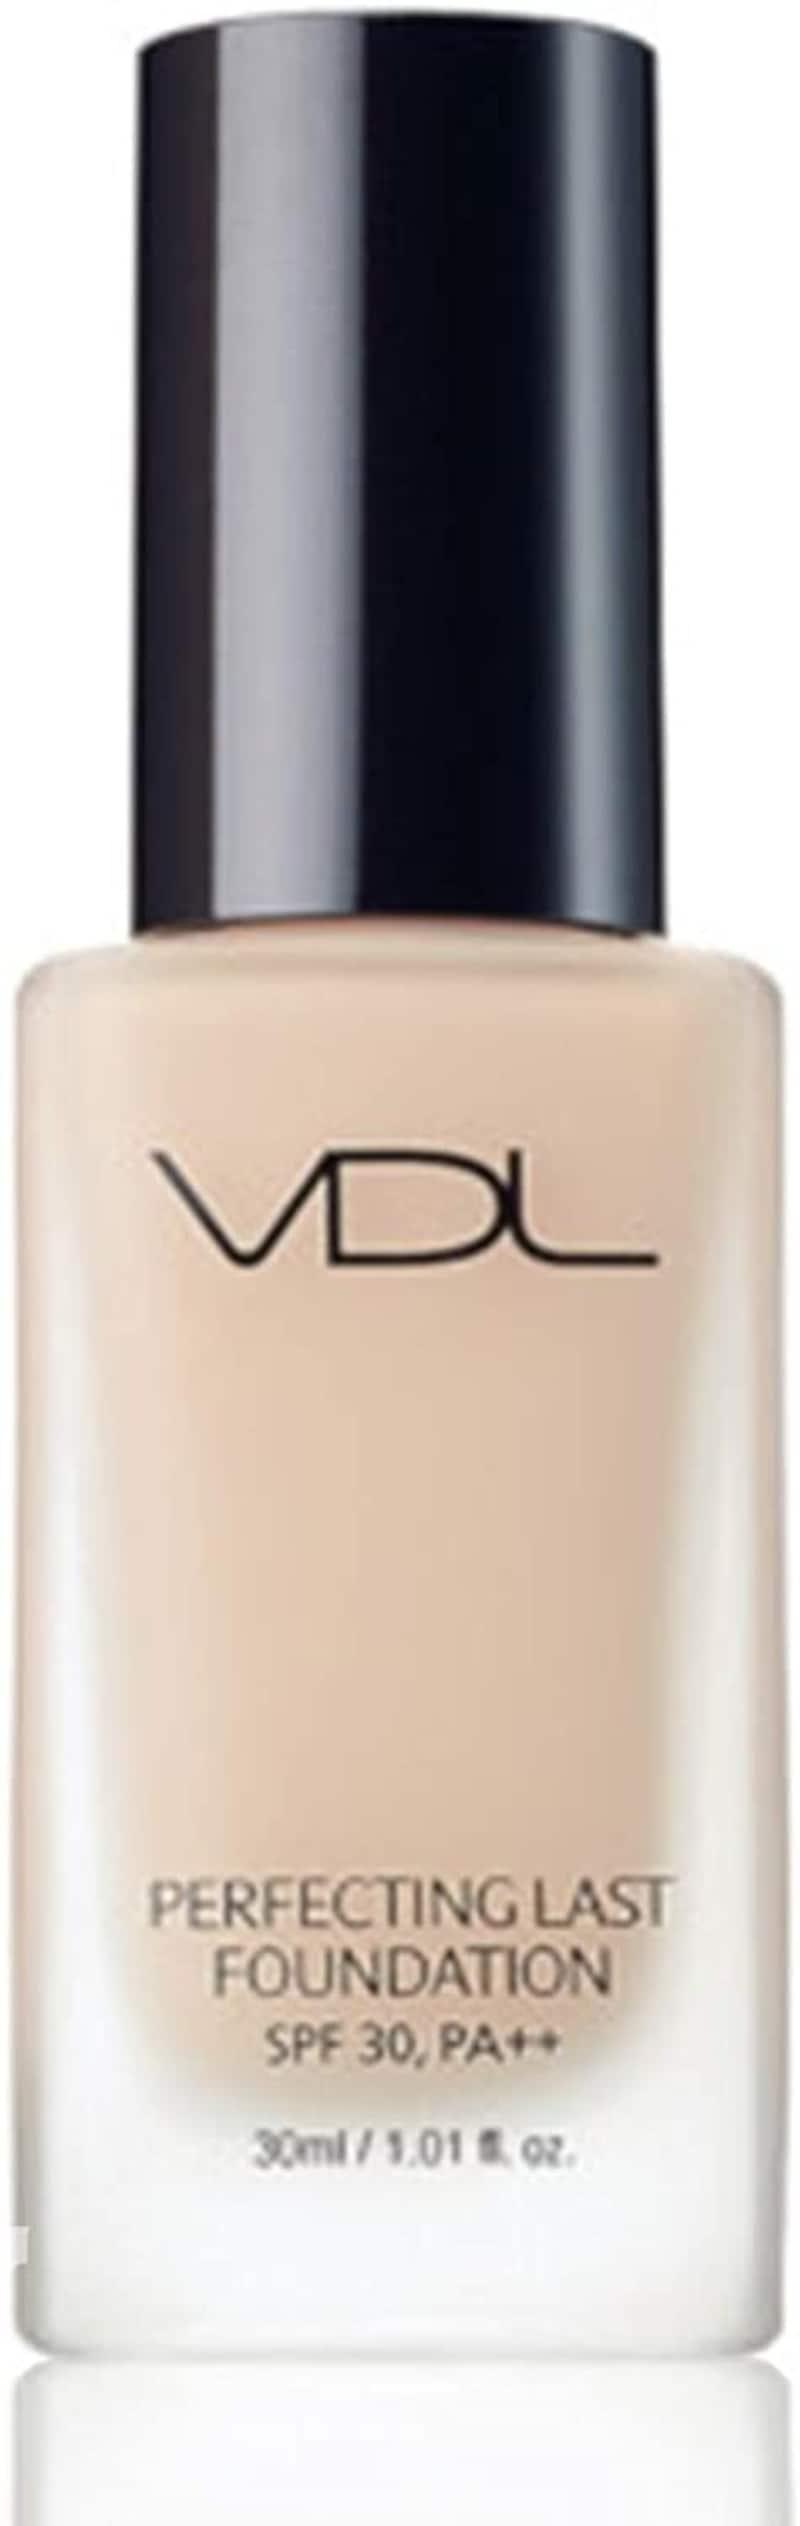 VDL(ブイディーエル),パーフェクティング ラスト ファンデーション